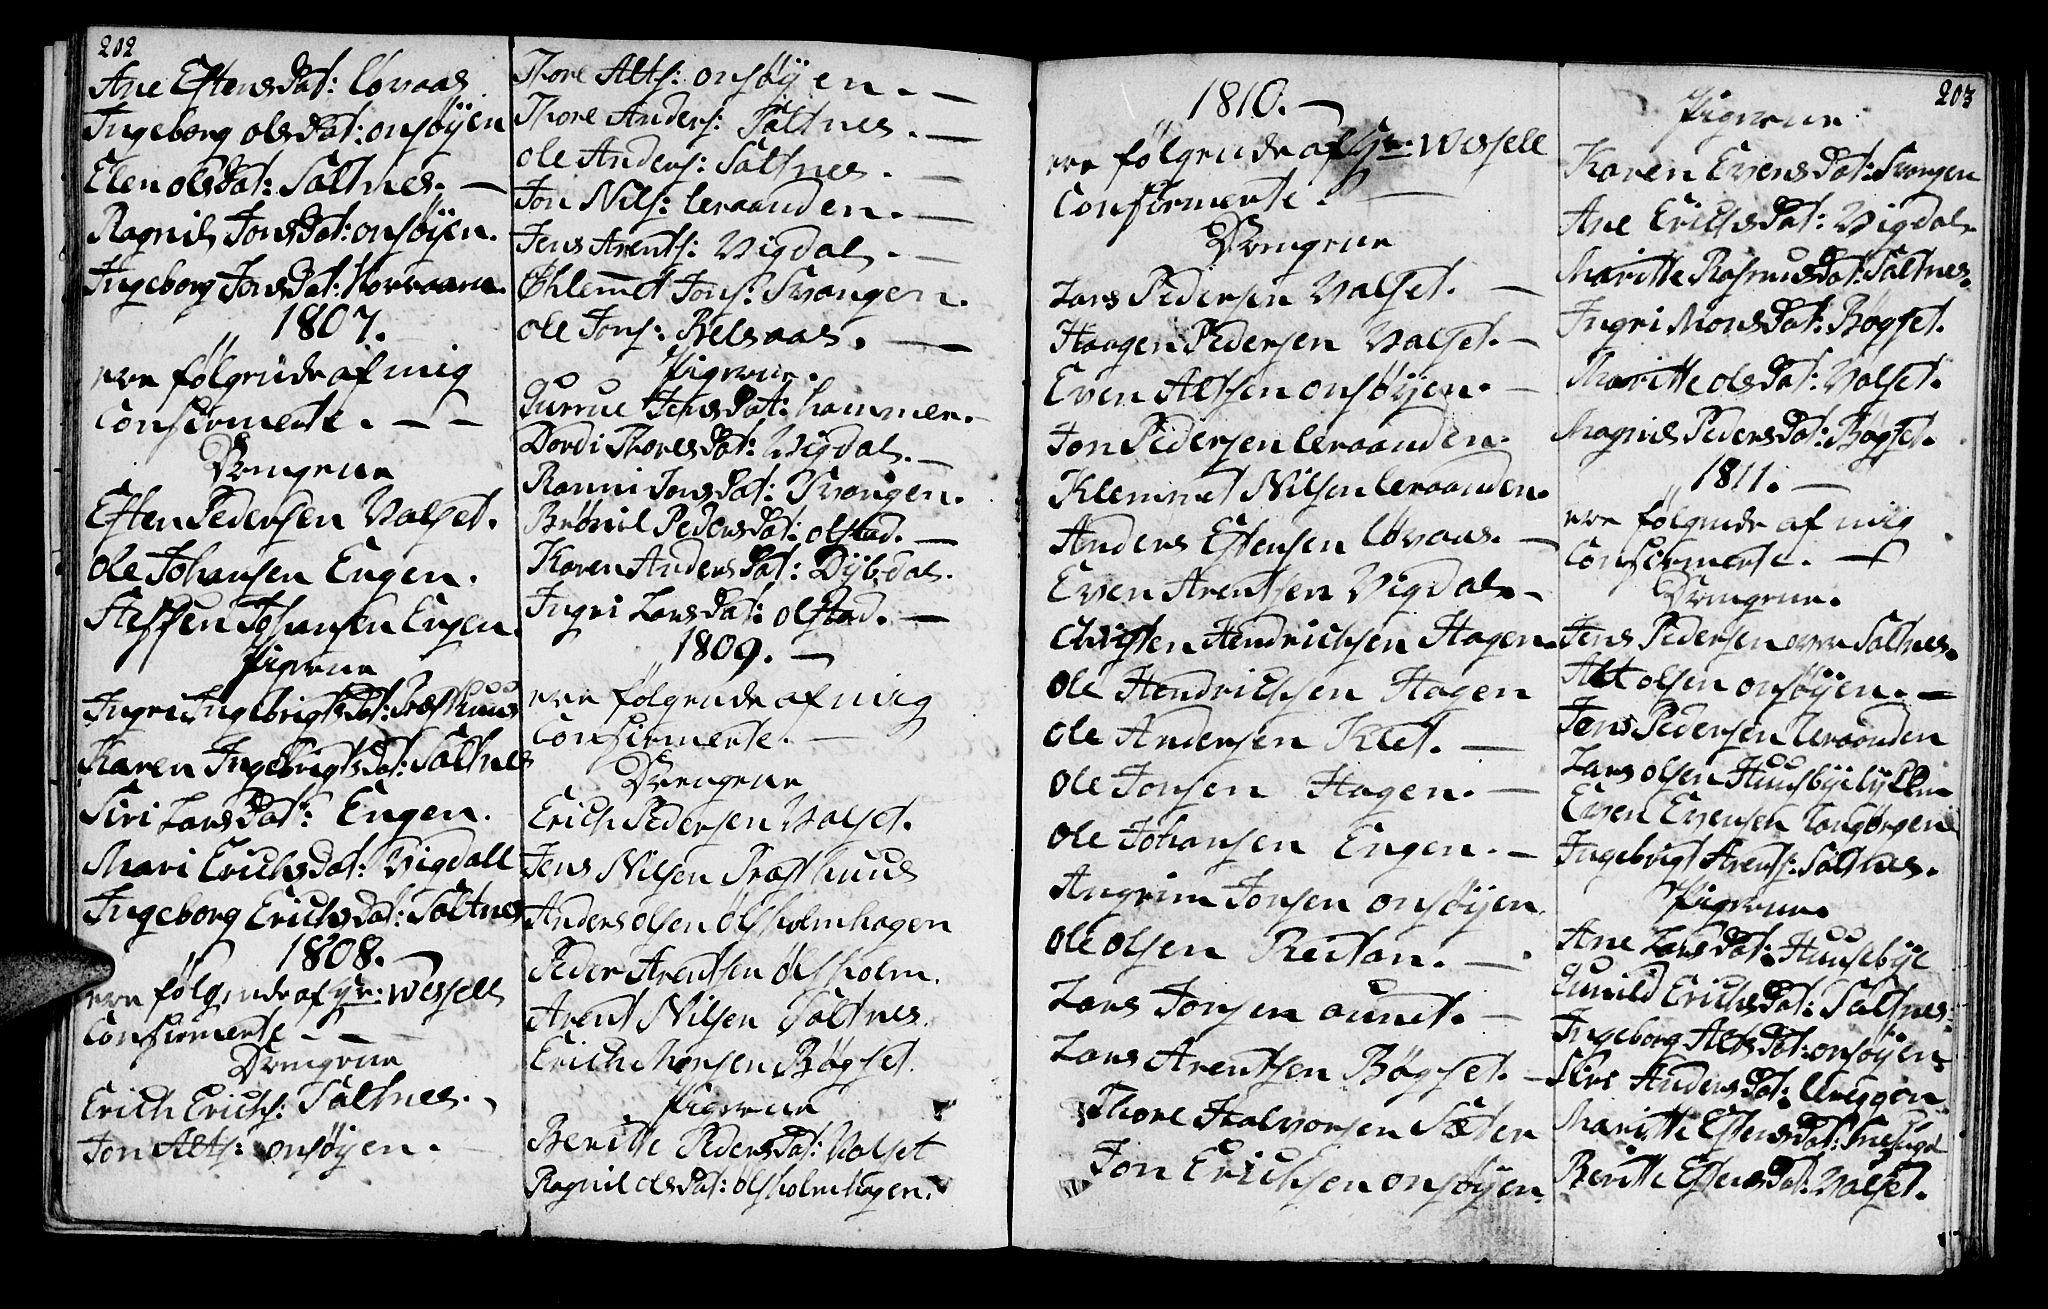 SAT, Ministerialprotokoller, klokkerbøker og fødselsregistre - Sør-Trøndelag, 666/L0785: Ministerialbok nr. 666A03, 1803-1816, s. 202-203